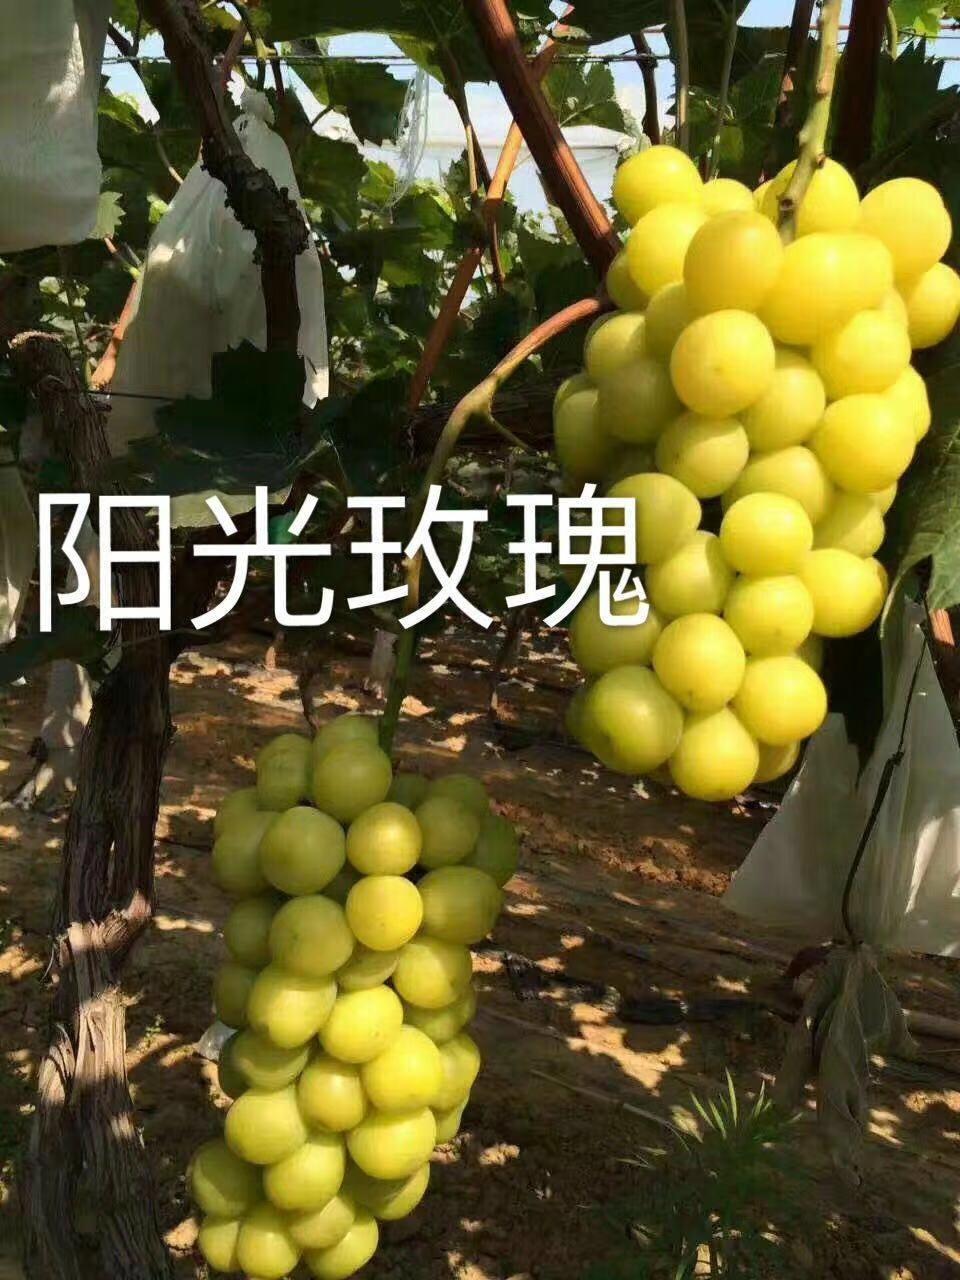 江苏苏州脆光葡萄苗哪里有欢迎来电咨询